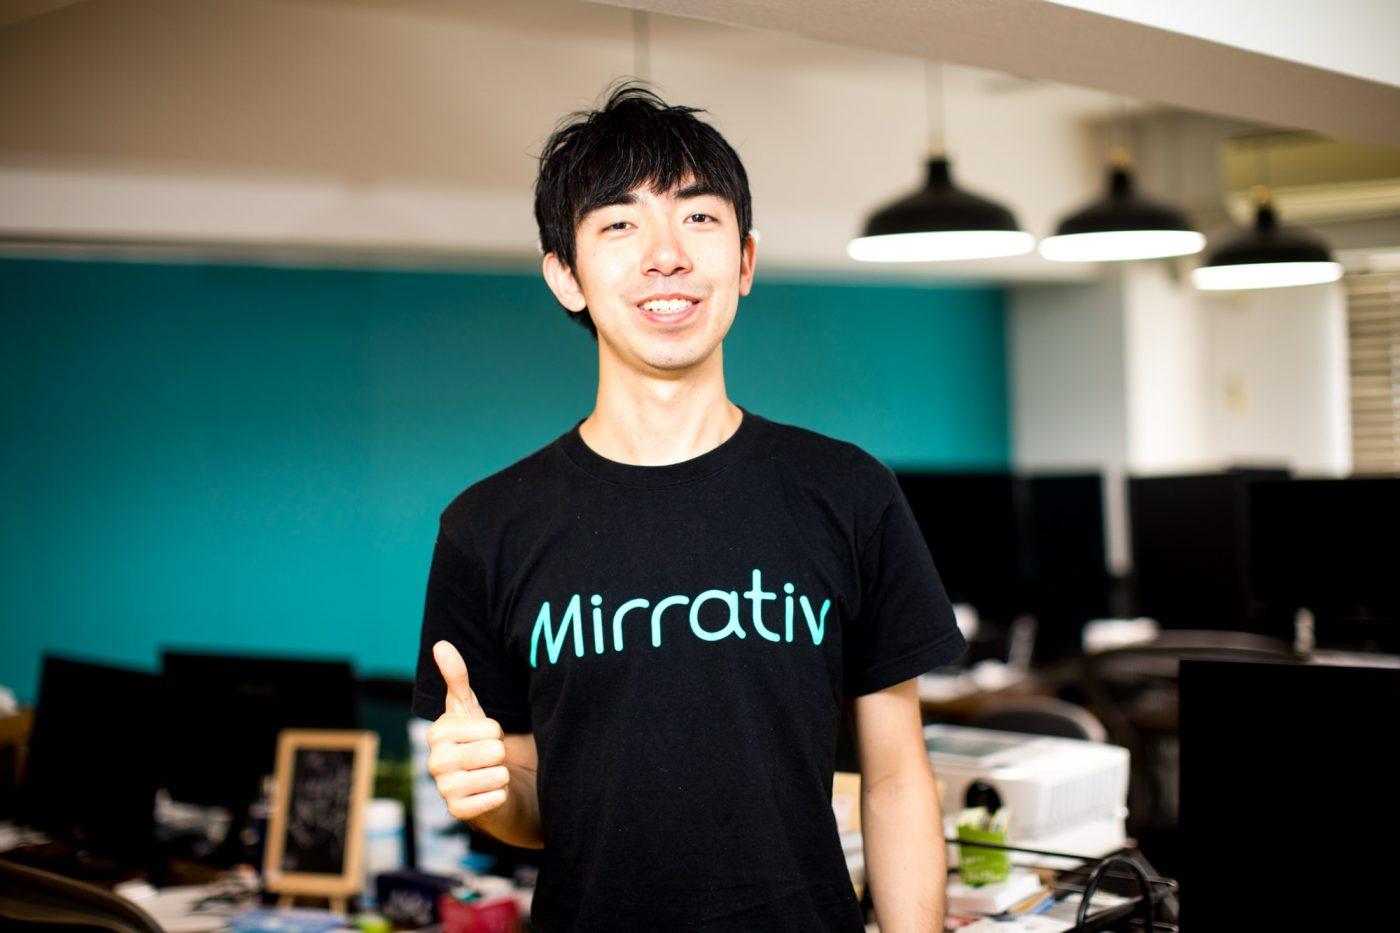 ミラティブ代表取締役CEOの赤川隼一 元DeNA